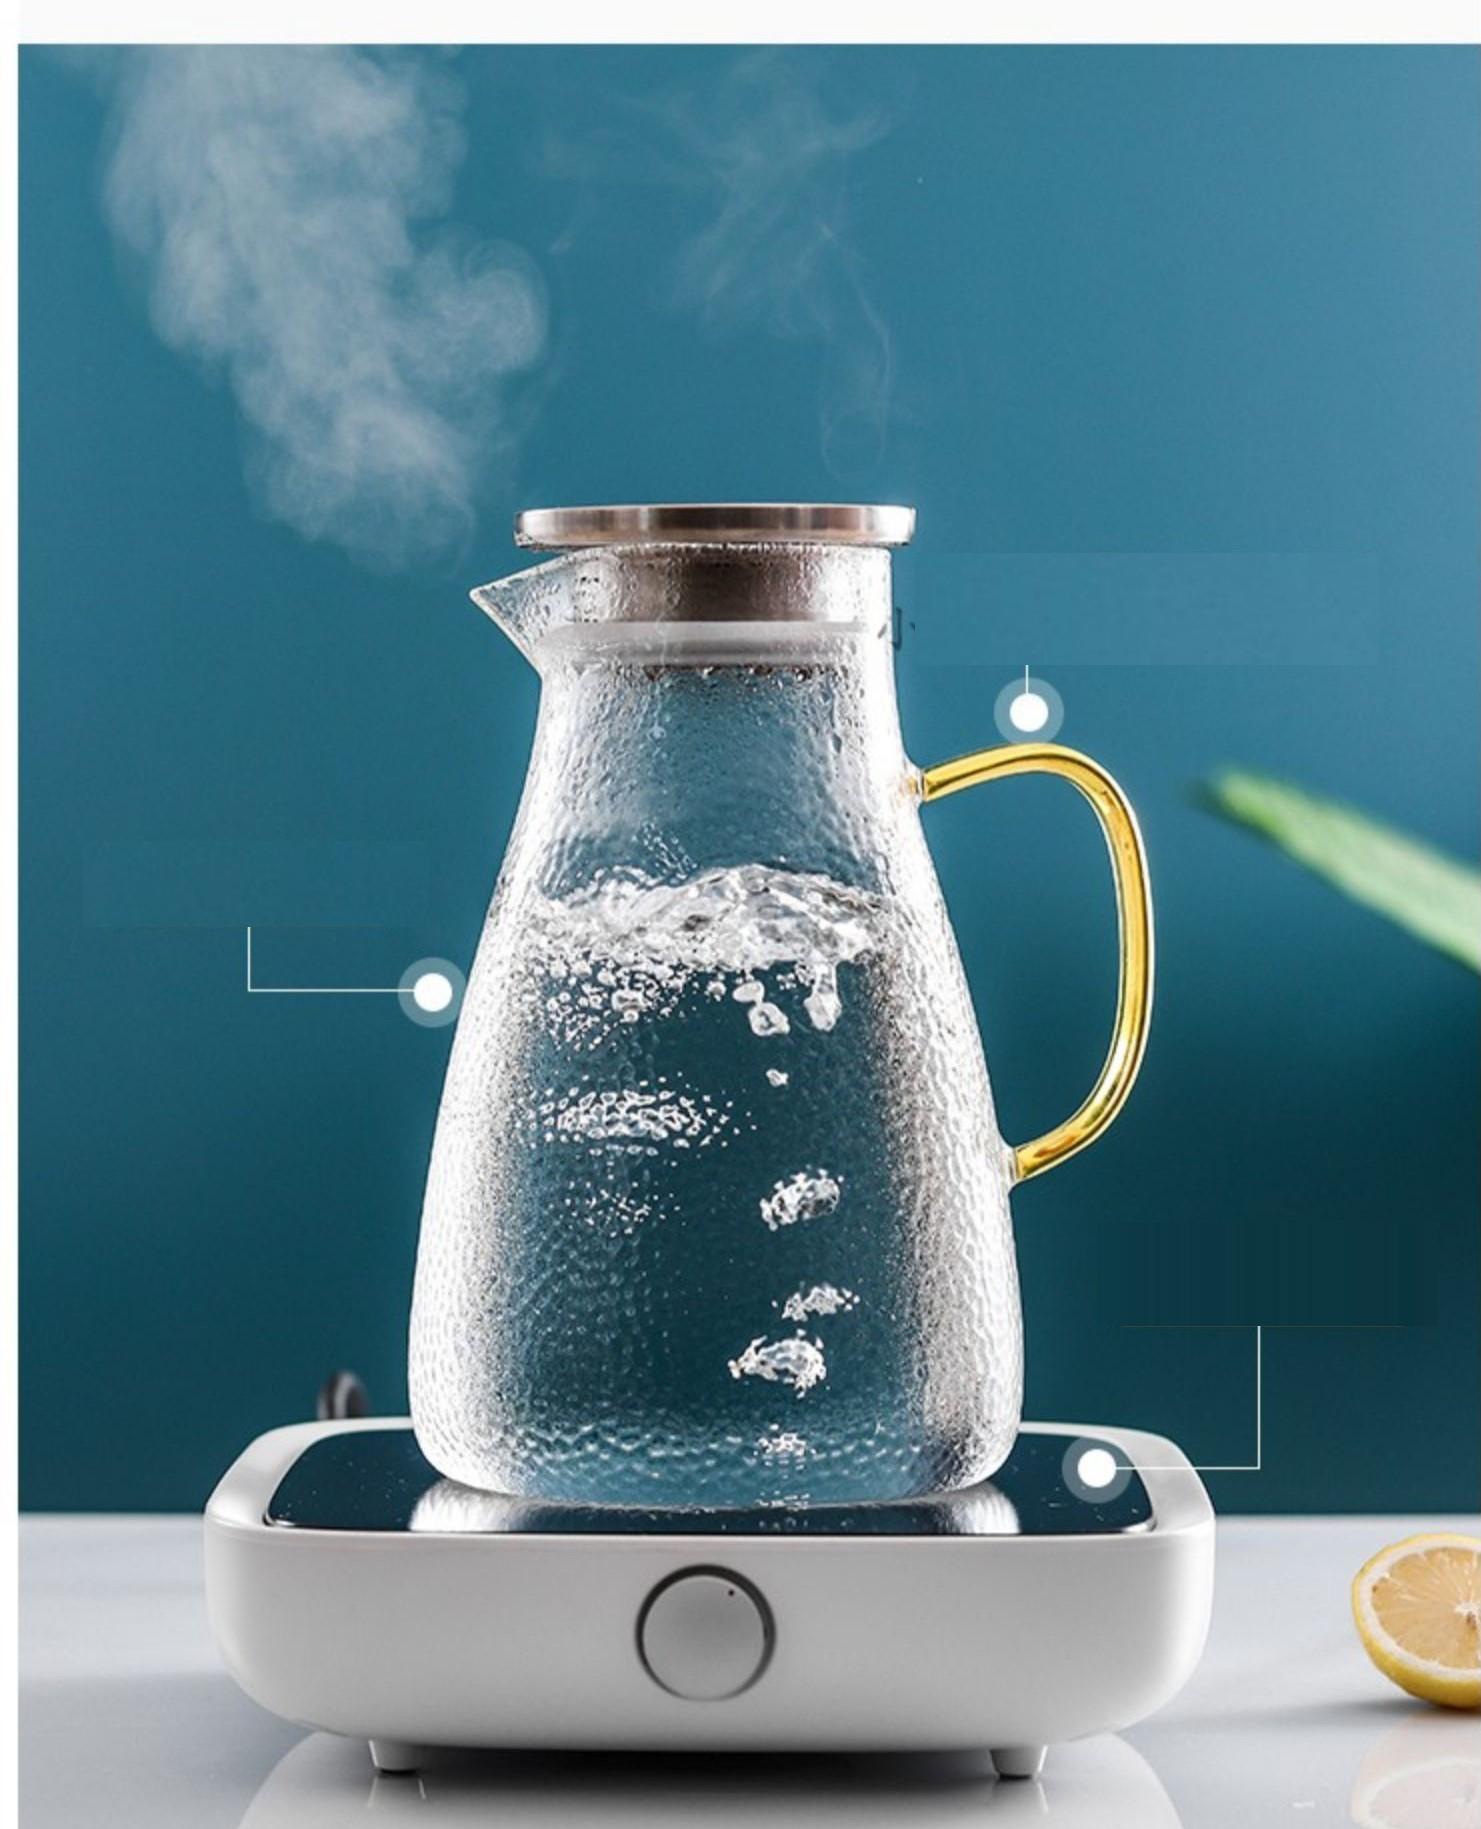 Bộ bình nước thuỷ tinh chịu nhiệt cao cấp kèm 6 ly, cốc phong cách Bắc Âu (Quà tặng, biếu lễ Tết, tặng tân gia, sử dụng trong gia đình,...